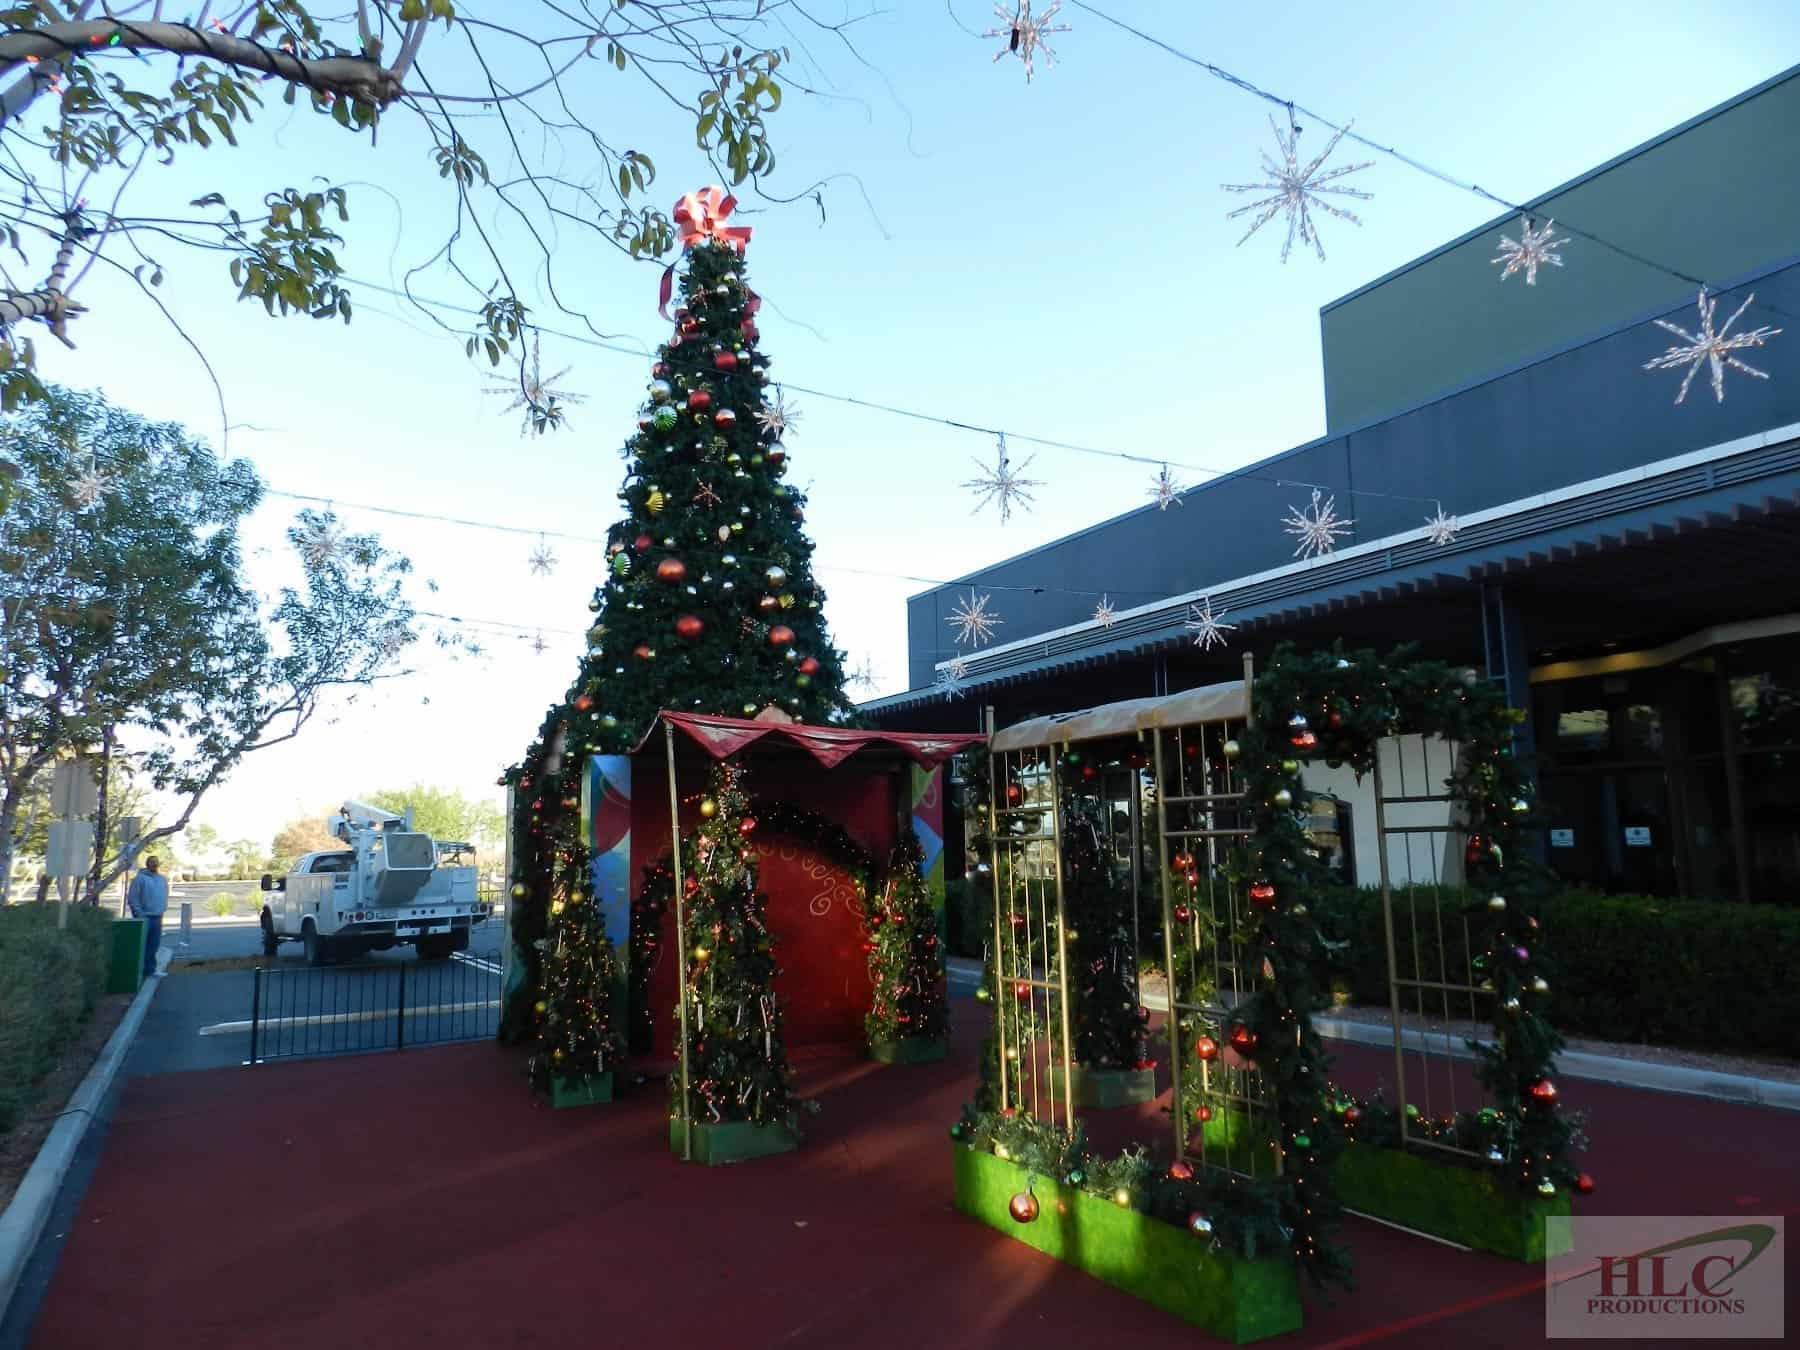 20ft Tower Tree, Santa Set, Starburst